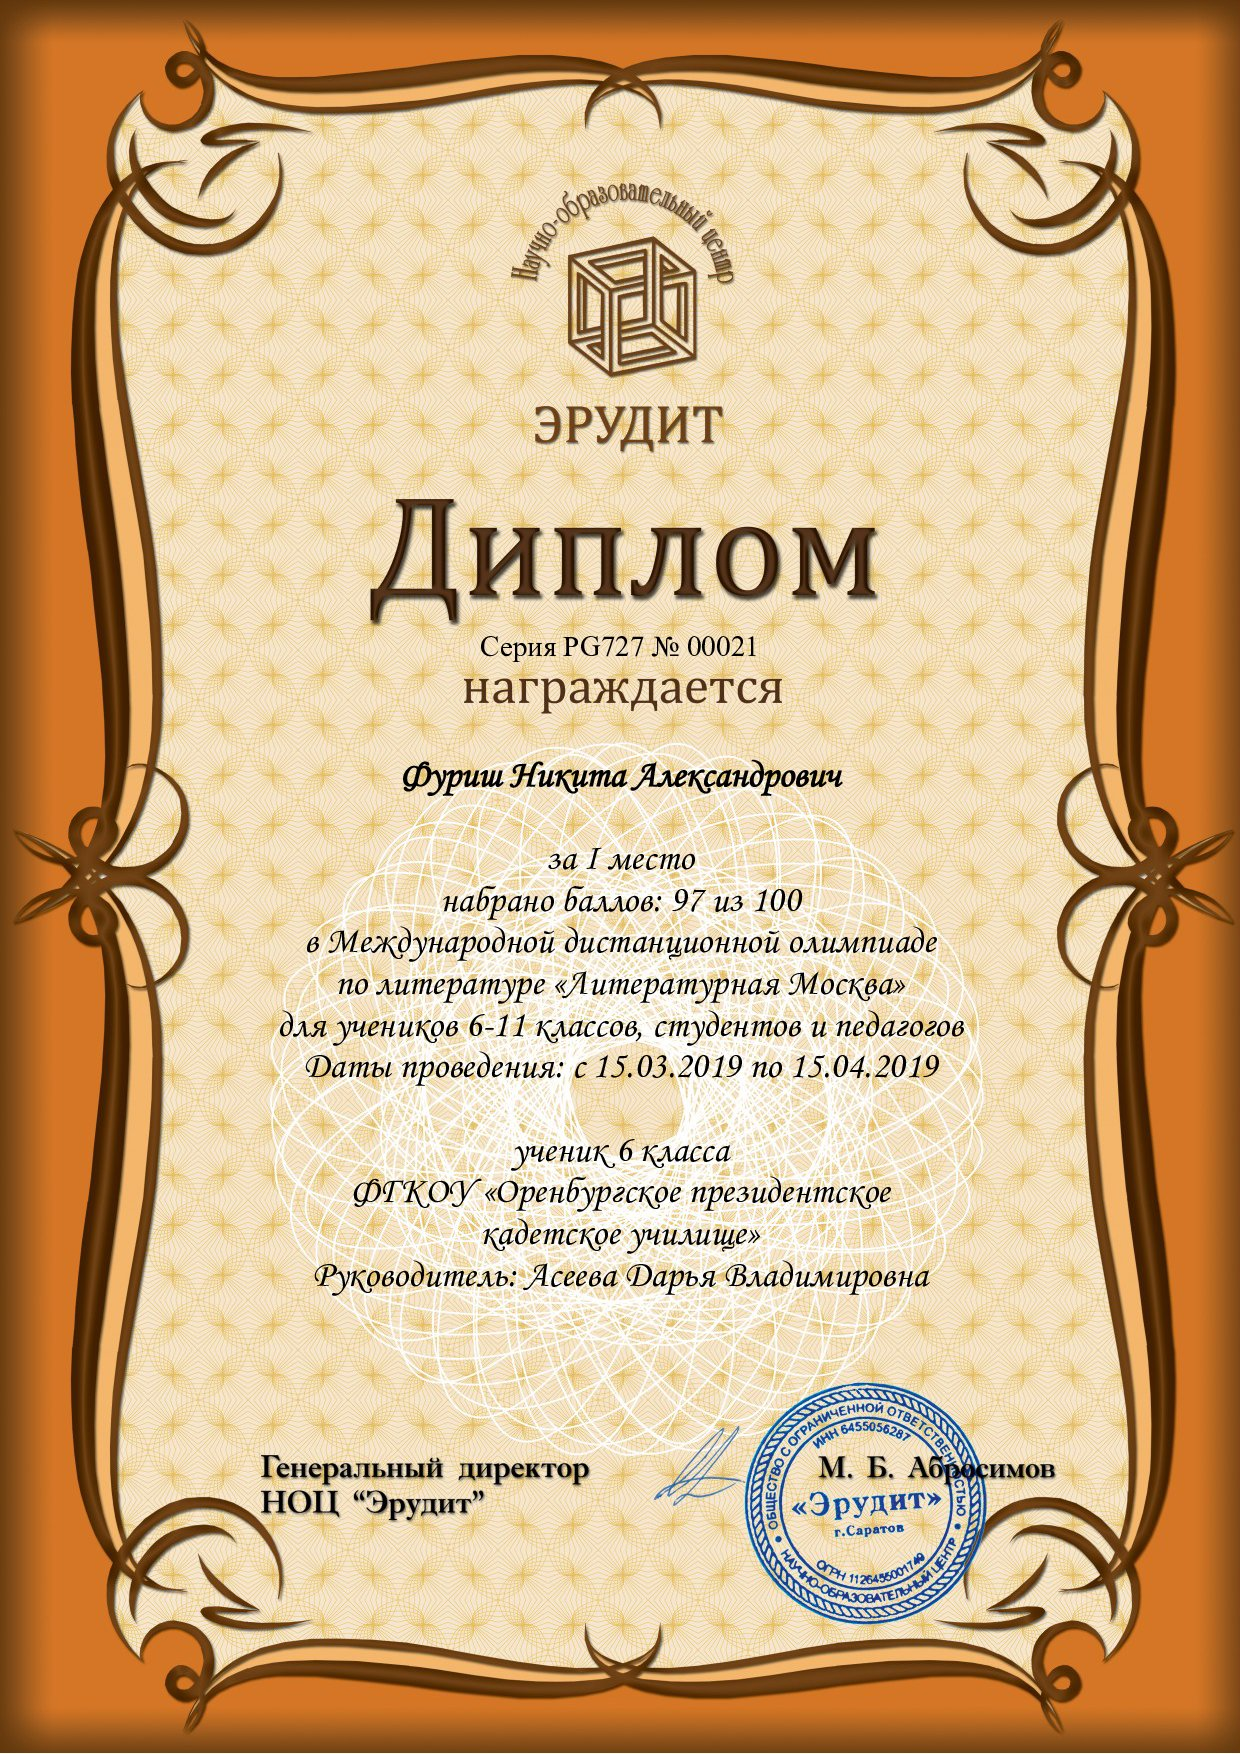 s 1 Фуриш Никита Александрович G727